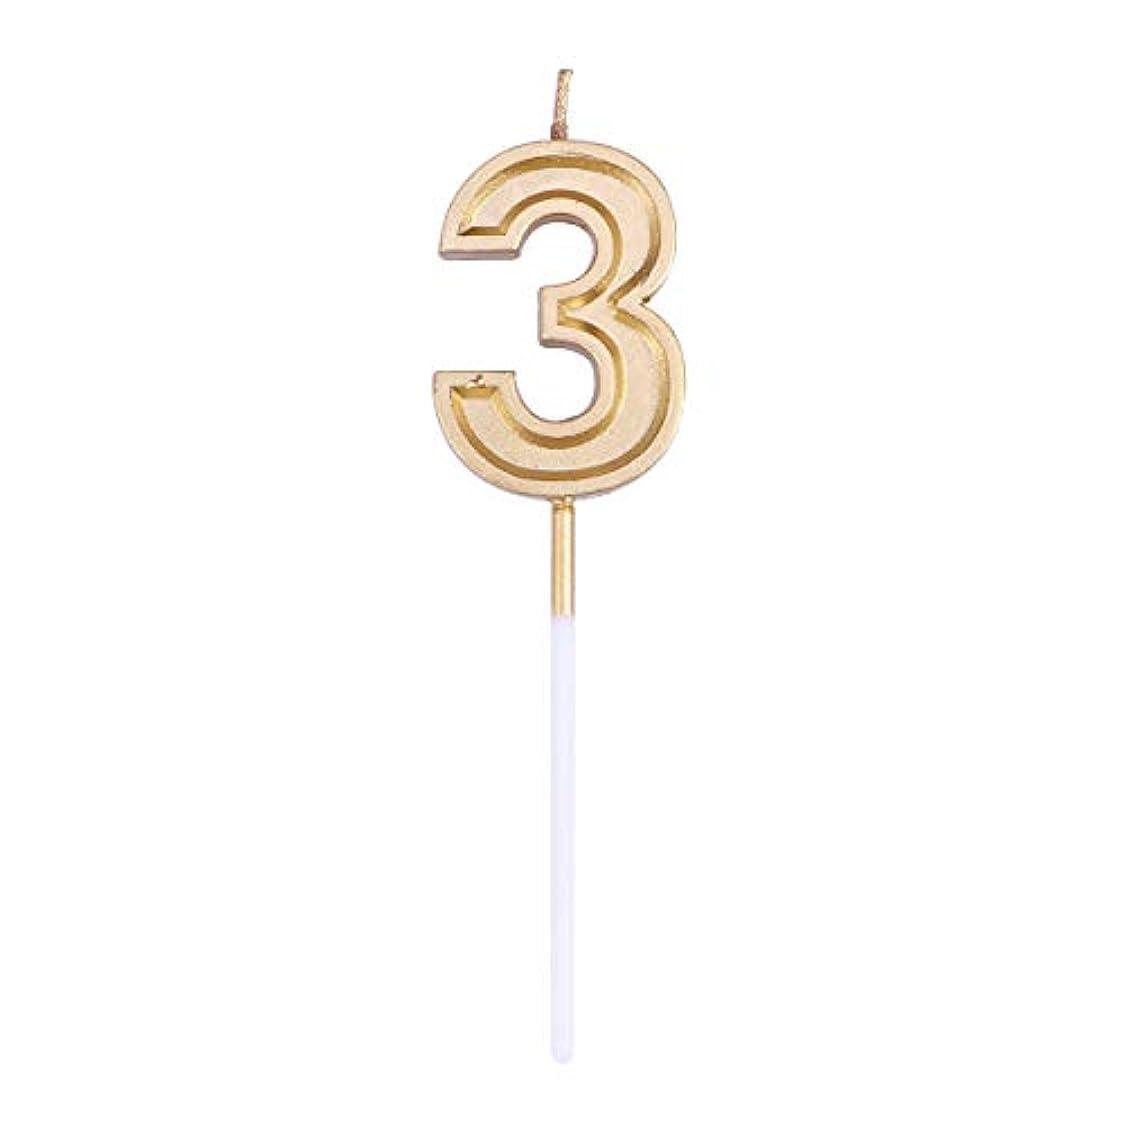 技術廃棄するストラトフォードオンエイボンToyvian ゴールドラメ誕生日おめでとう数字キャンドル番号キャンドルケーキトッパー装飾用大人キッズパーティー(番号3)